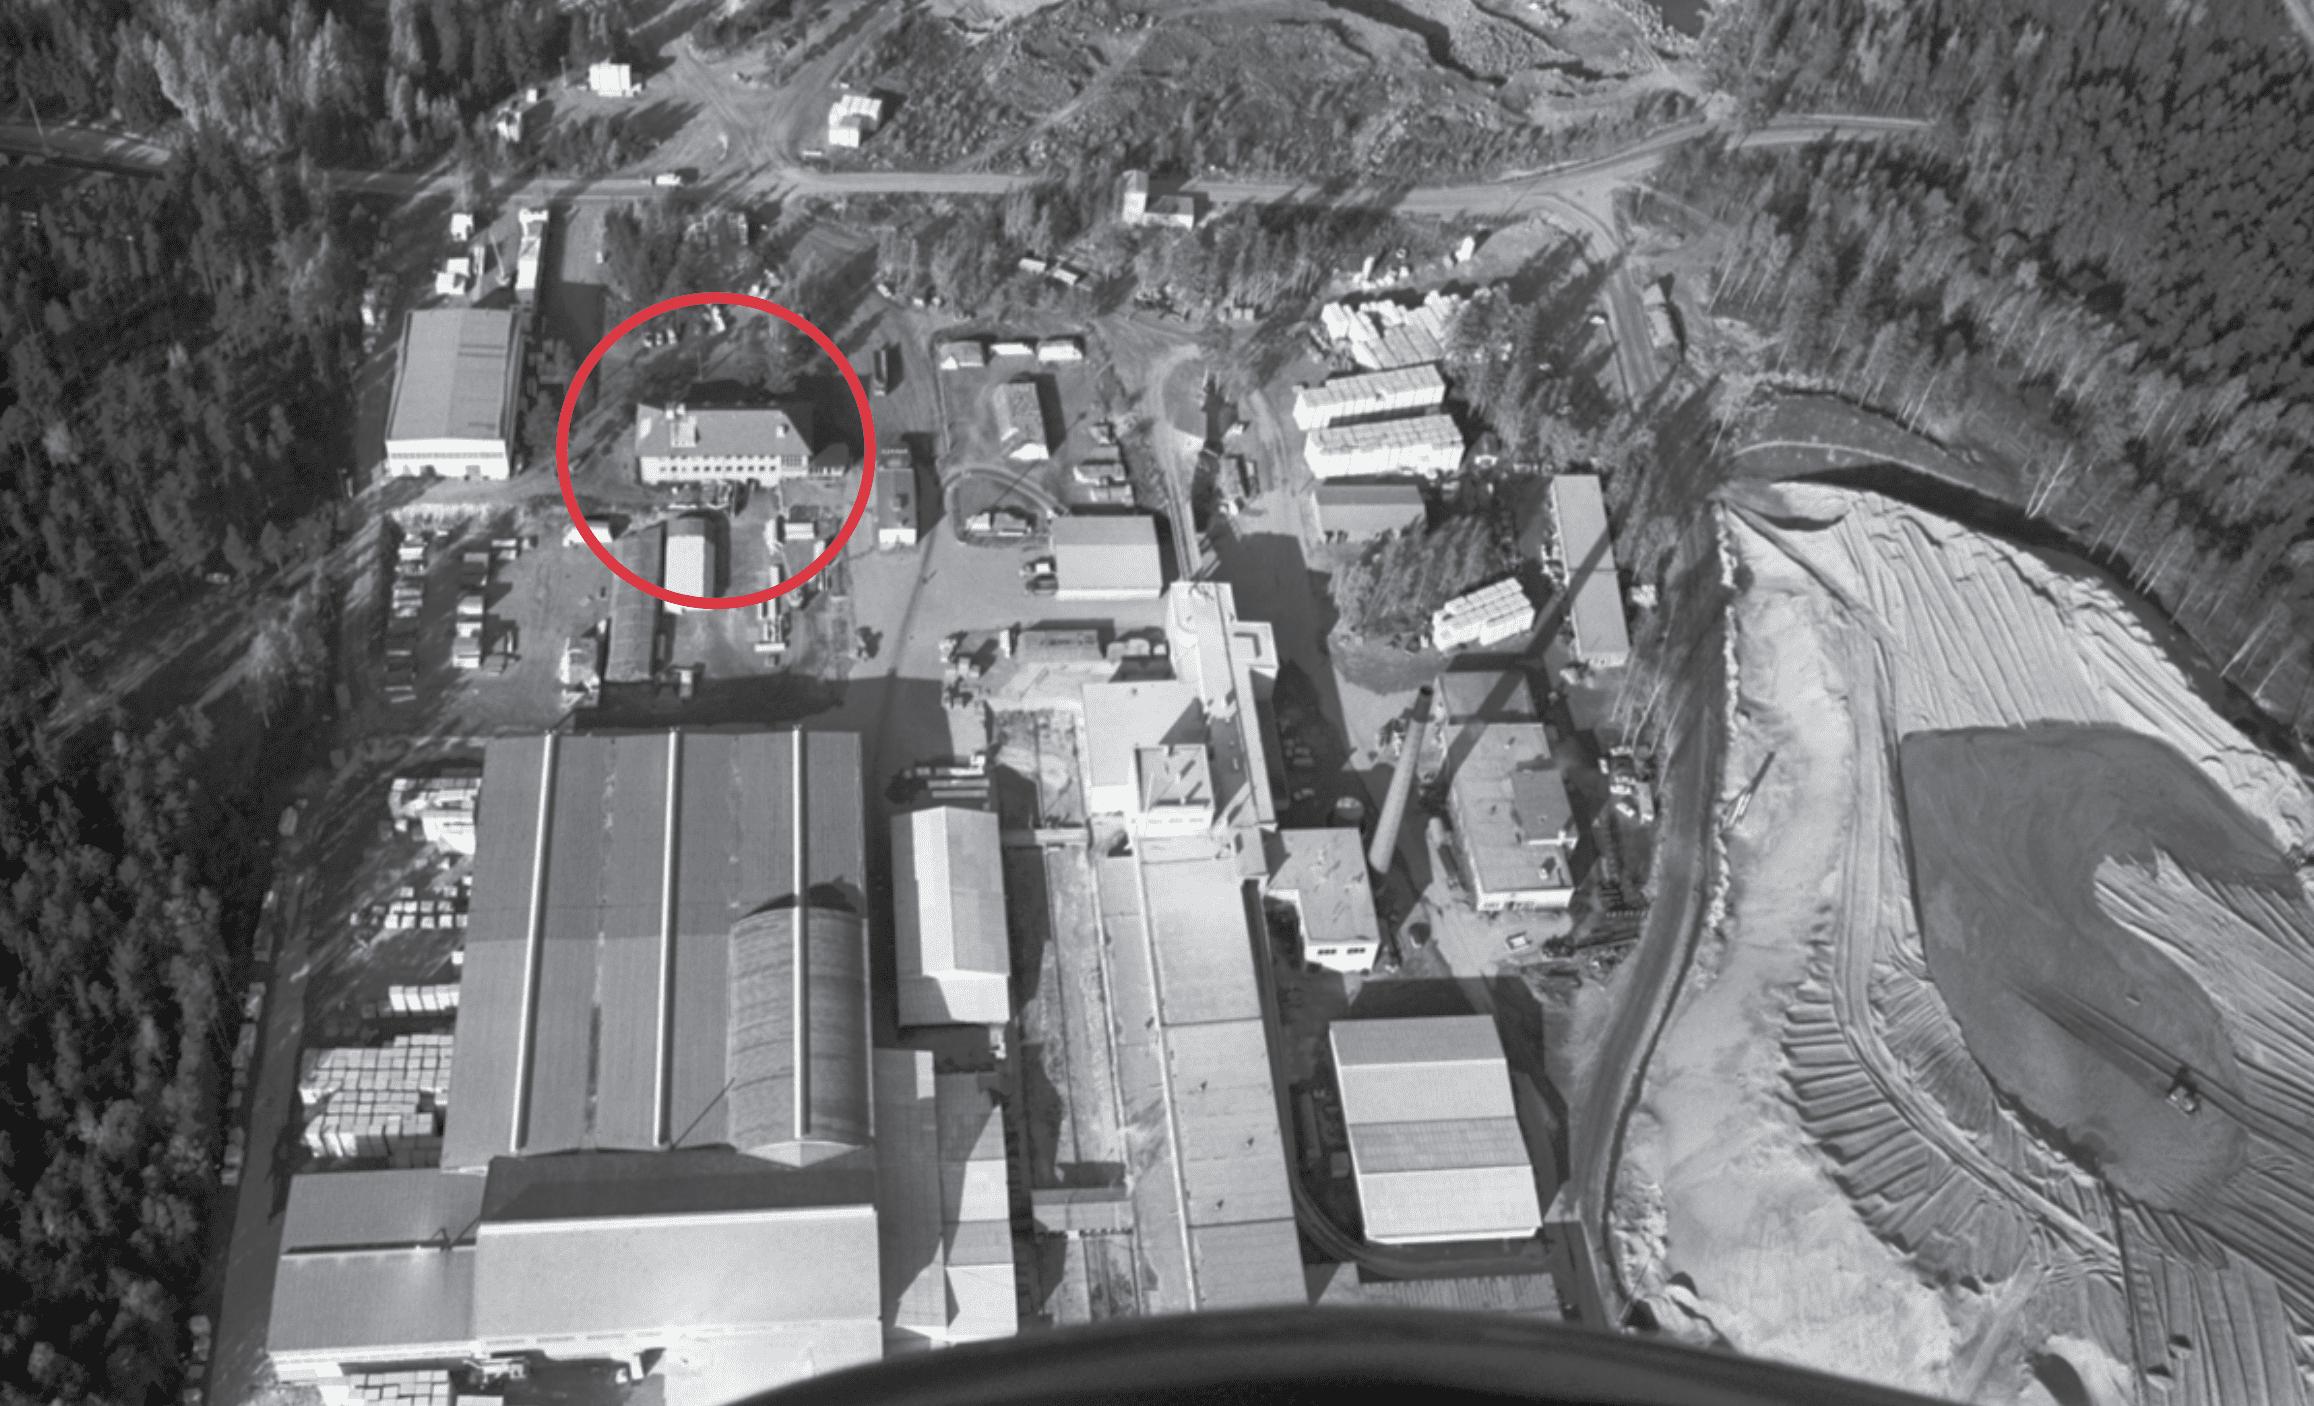 Kallahdessa sijaitsevan kerhotalo Sasekan tarina on merkittävä osa Vuosaaren lähihistoriaa. Nykyisin kerhotalona toimiva rakennus (kuvassa ympyröity punaisella) on vuonna 1938 Vuosaaressa aloittaneen Sasekan kevytbetonitehtaan entinen ruokala. Talo on rakennettu 1947, ja se on ainoa tehtaasta jäljellä oleva rakennus. Kuva: Helsingin kaupunginmuseo, Simo Rista 1970